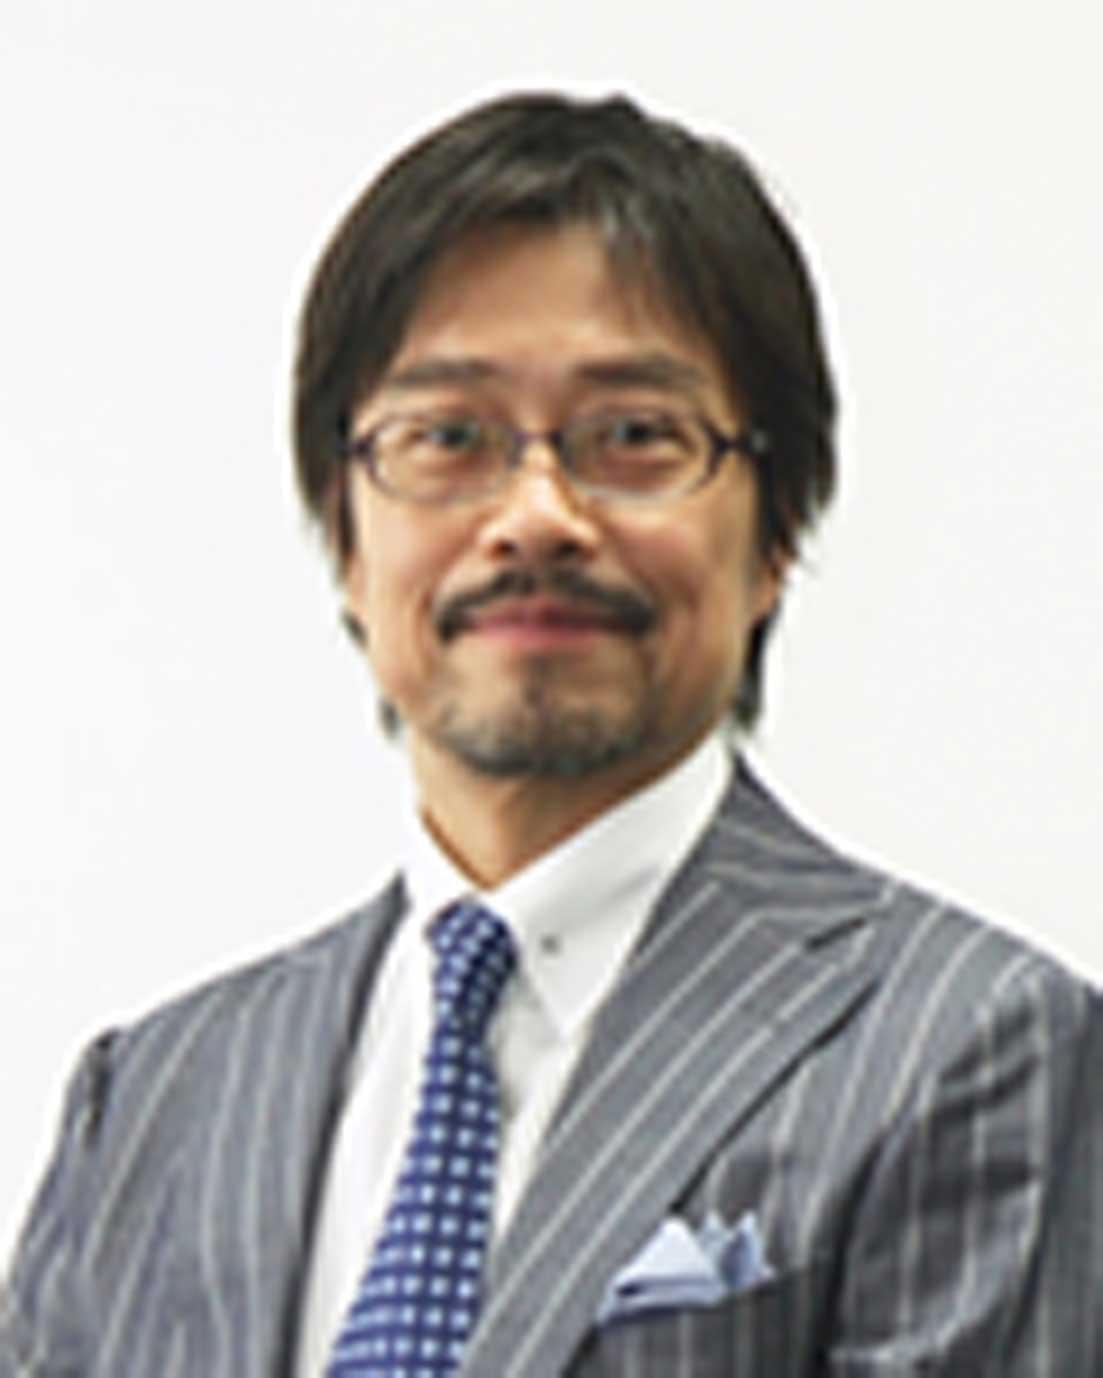 【セミナー情報】 11/17(月) 高収益トップ3%倶楽部